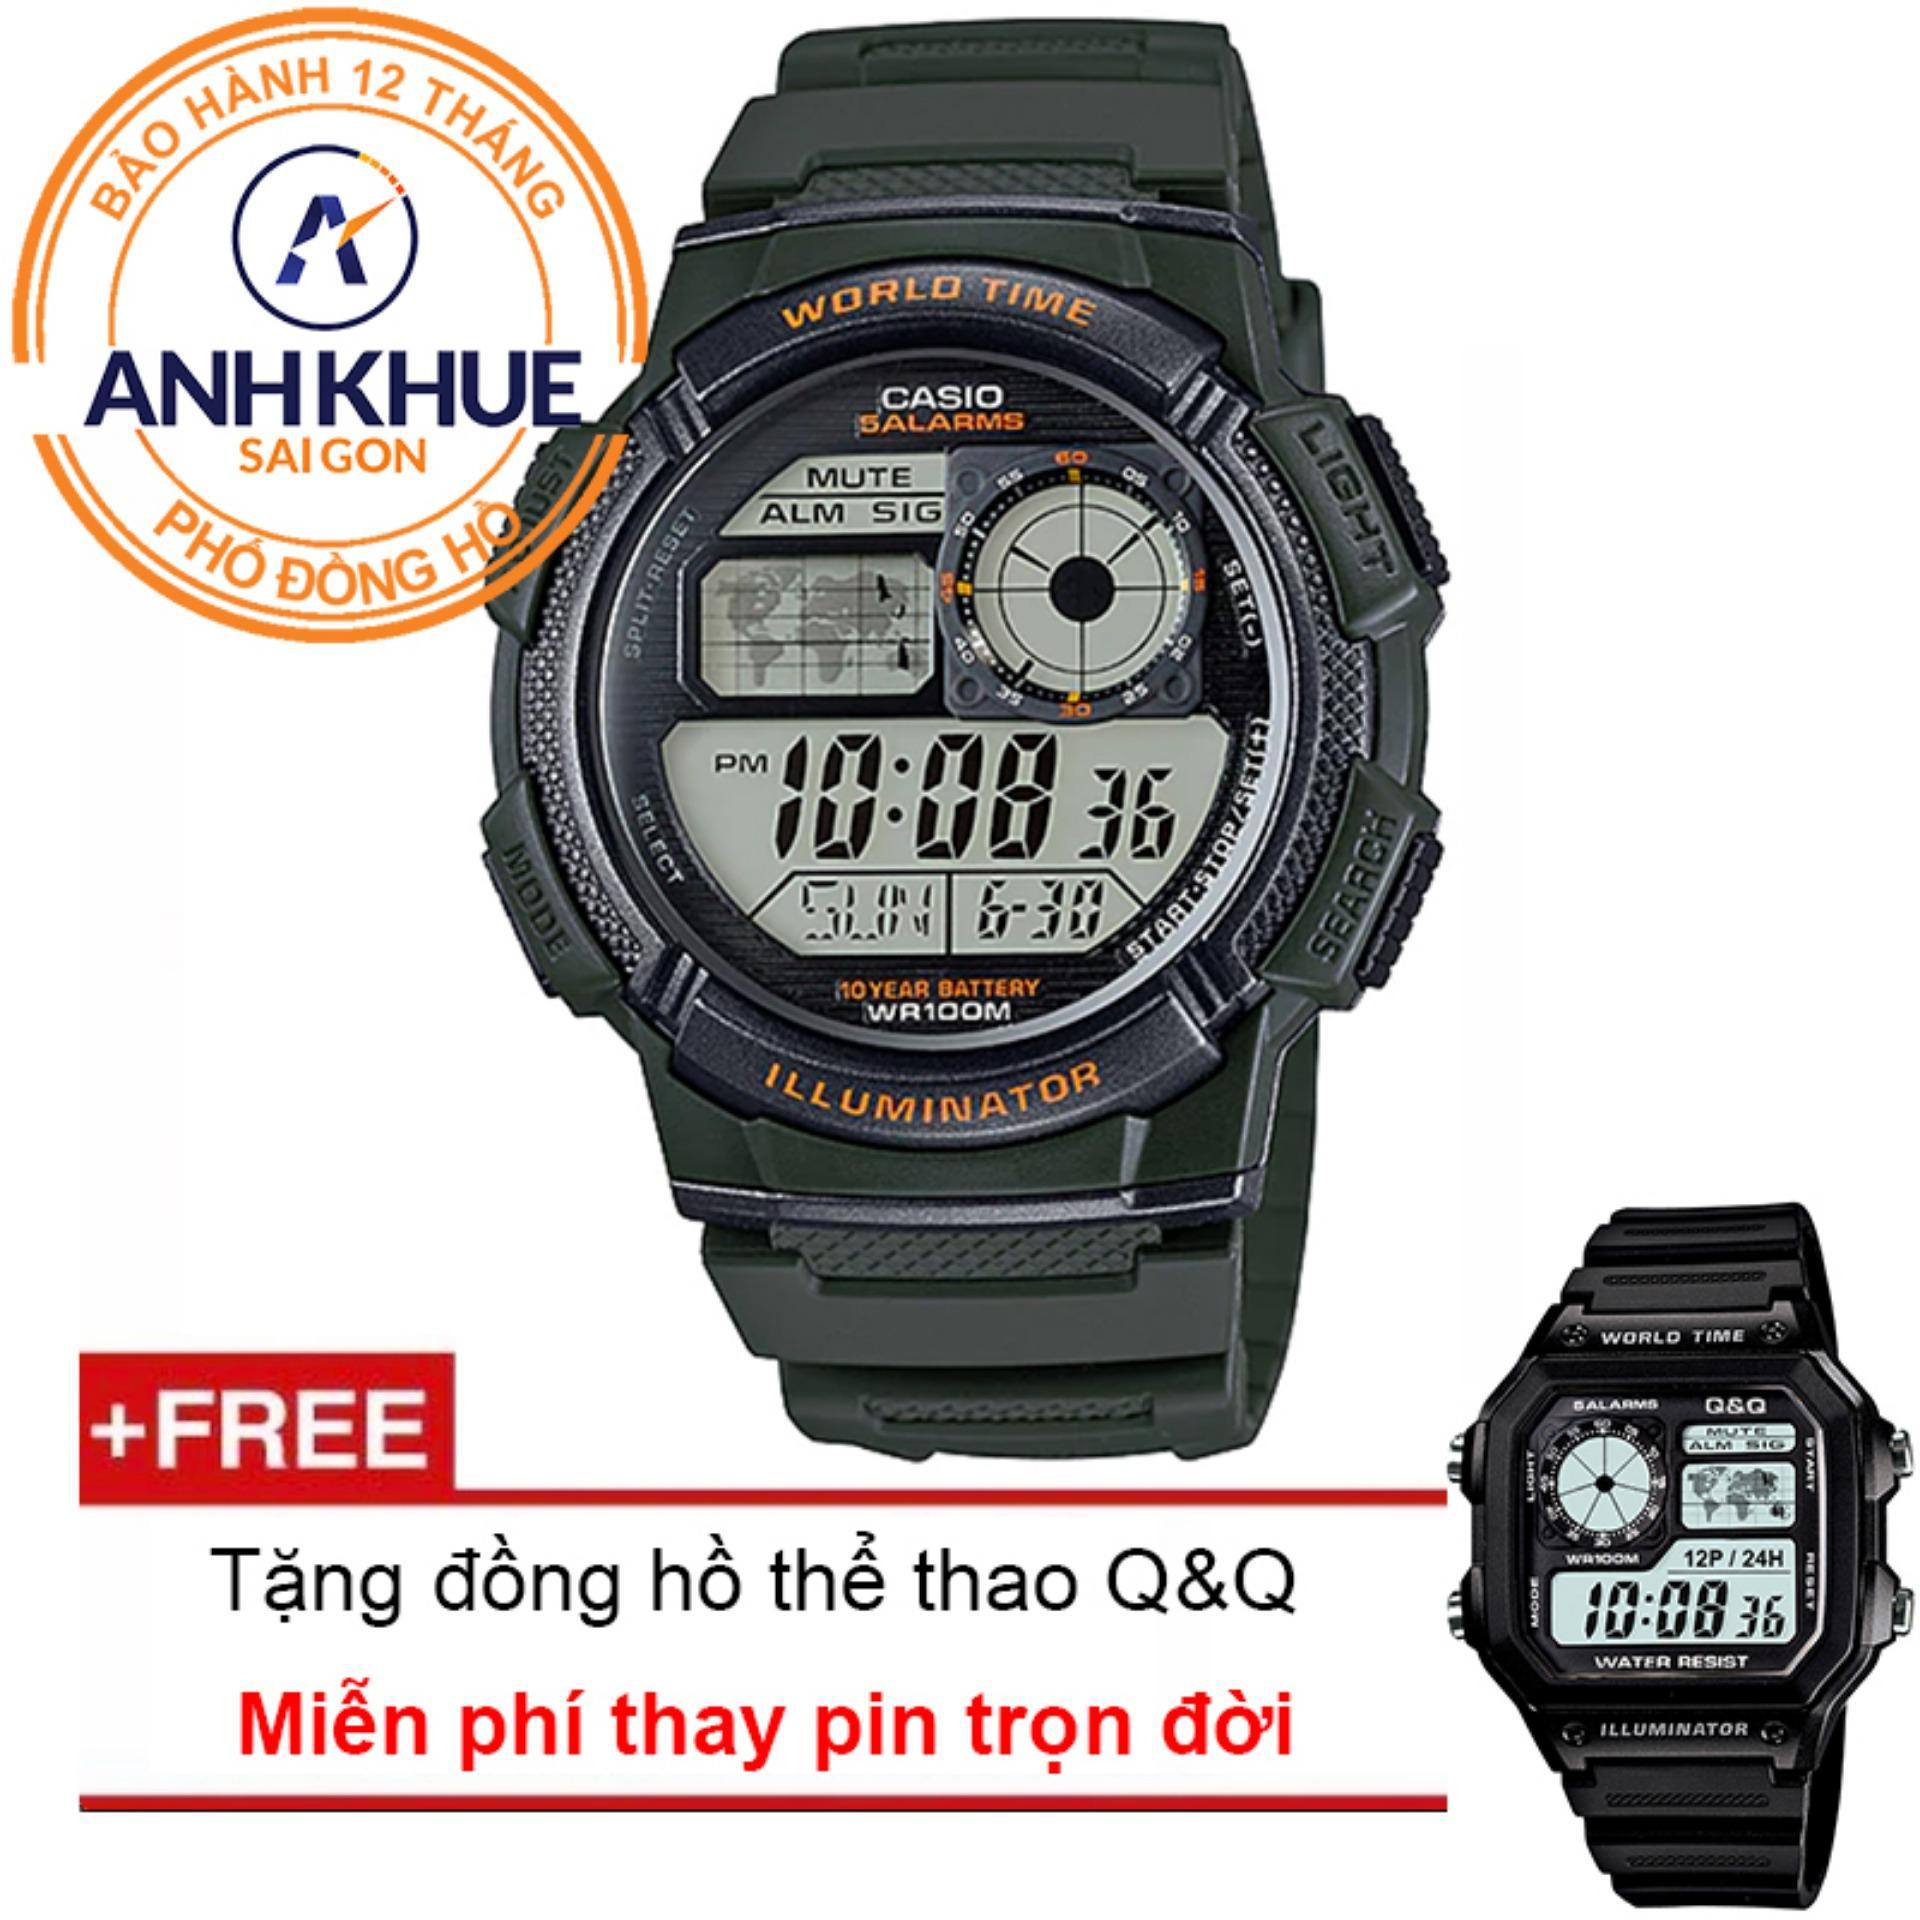 Đồng hồ nam dây nhựa Casio Anh Khuê AE-1000W-3AVDF + Tặng đồng hồ thể thao Q&Q